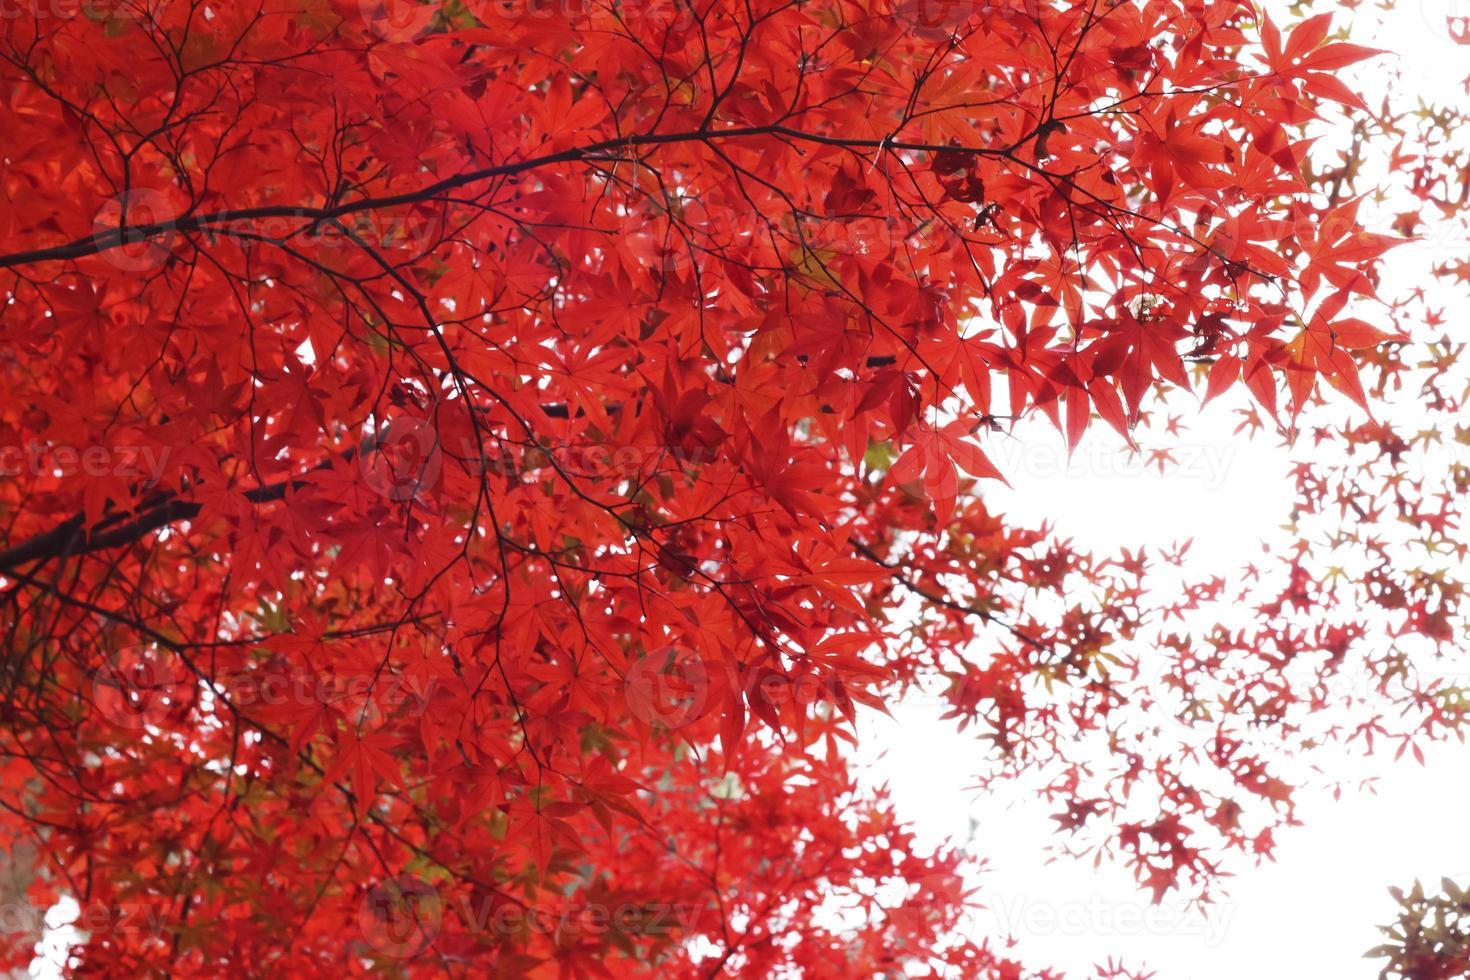 Herbstblätter die Herbstblätter foto